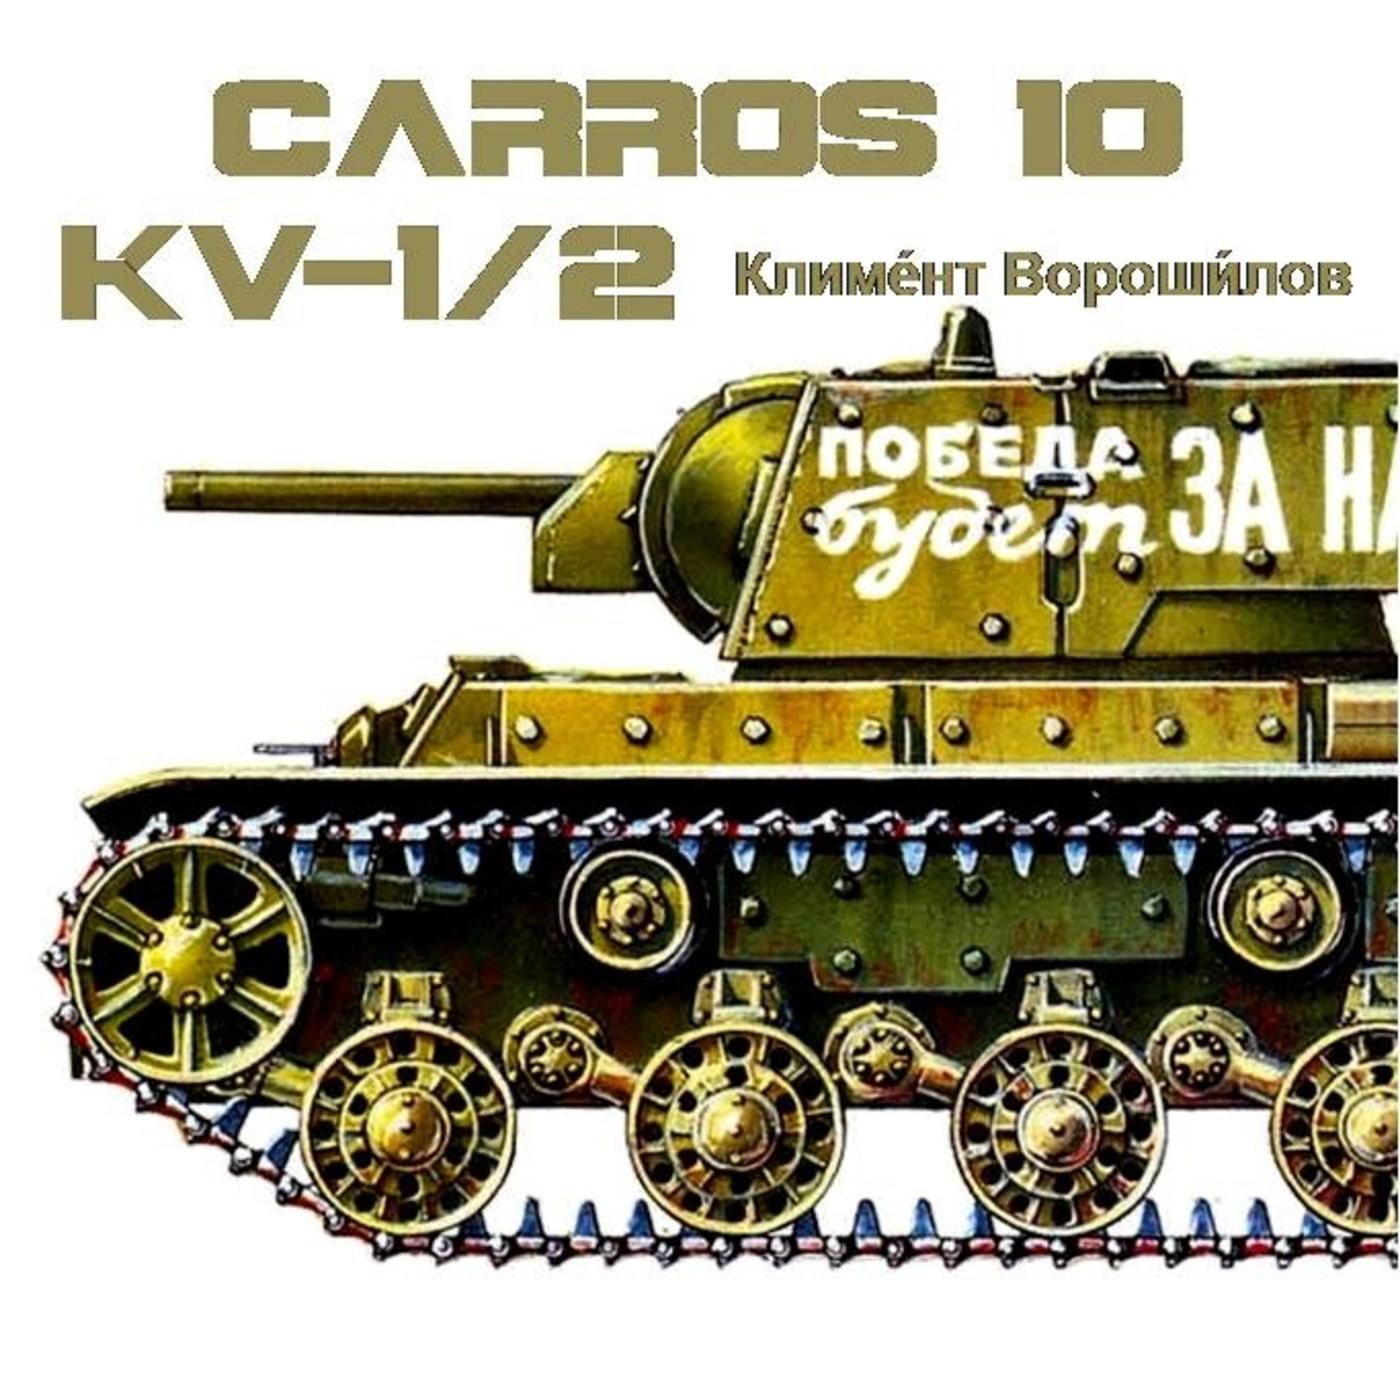 C-10#05 KV los Monstruos de Acero de Stalin